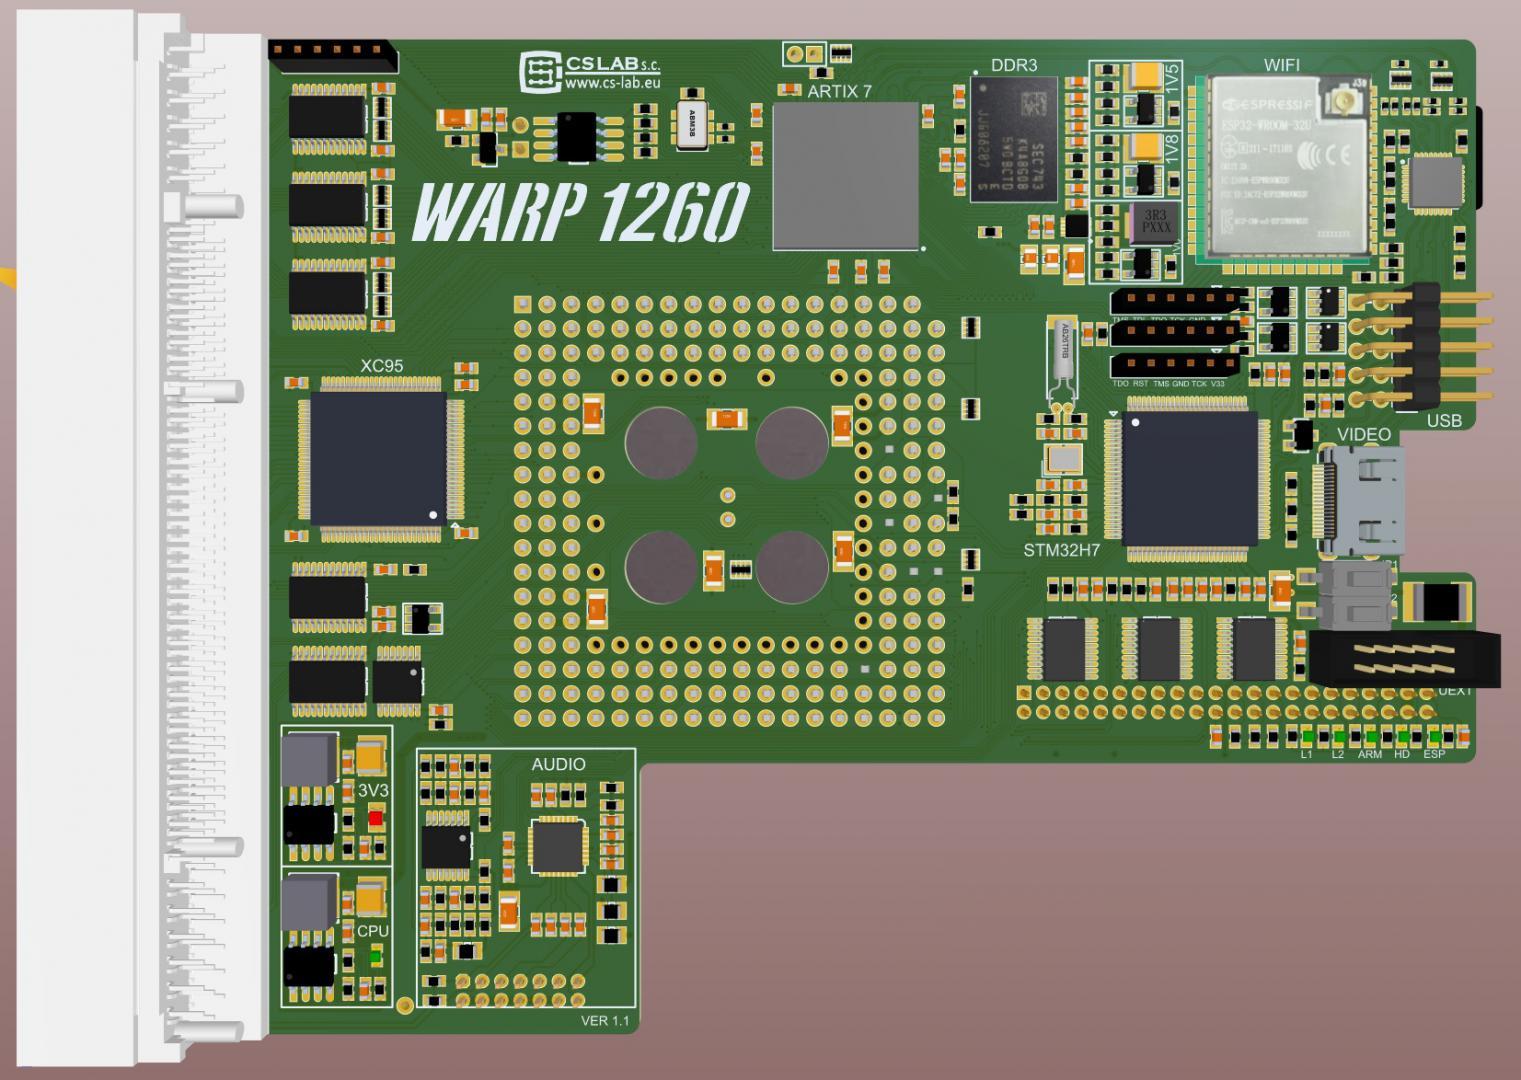 Klikněte na obrázek pro zobrazení větší verze  Název: warp1260v2_0.jpg Zobrazeno: 96 Velikost: 220,1 KB ID: 9207